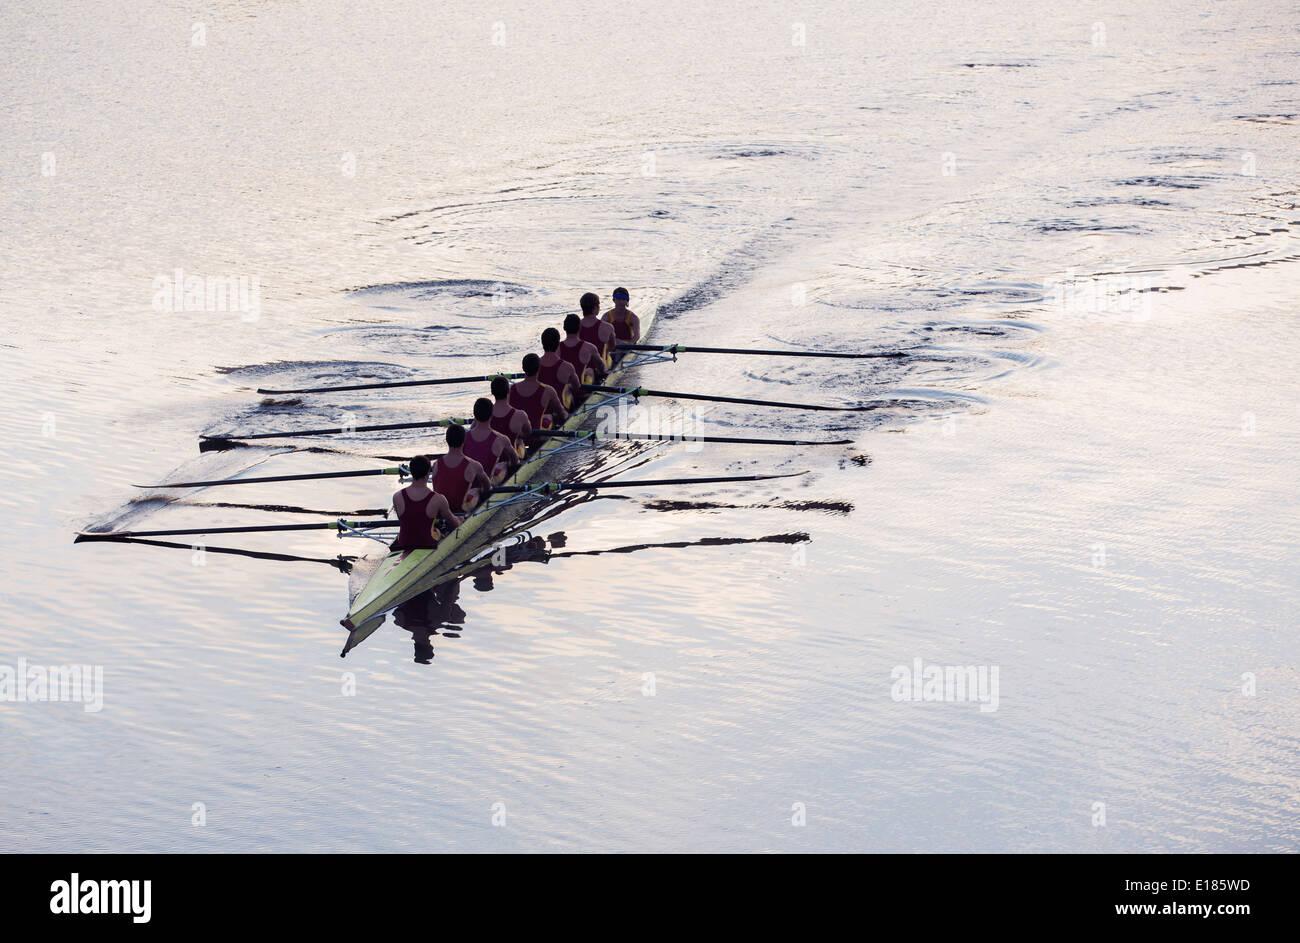 L'équipe d'aviron de godille d'aviron sur le lac Photo Stock